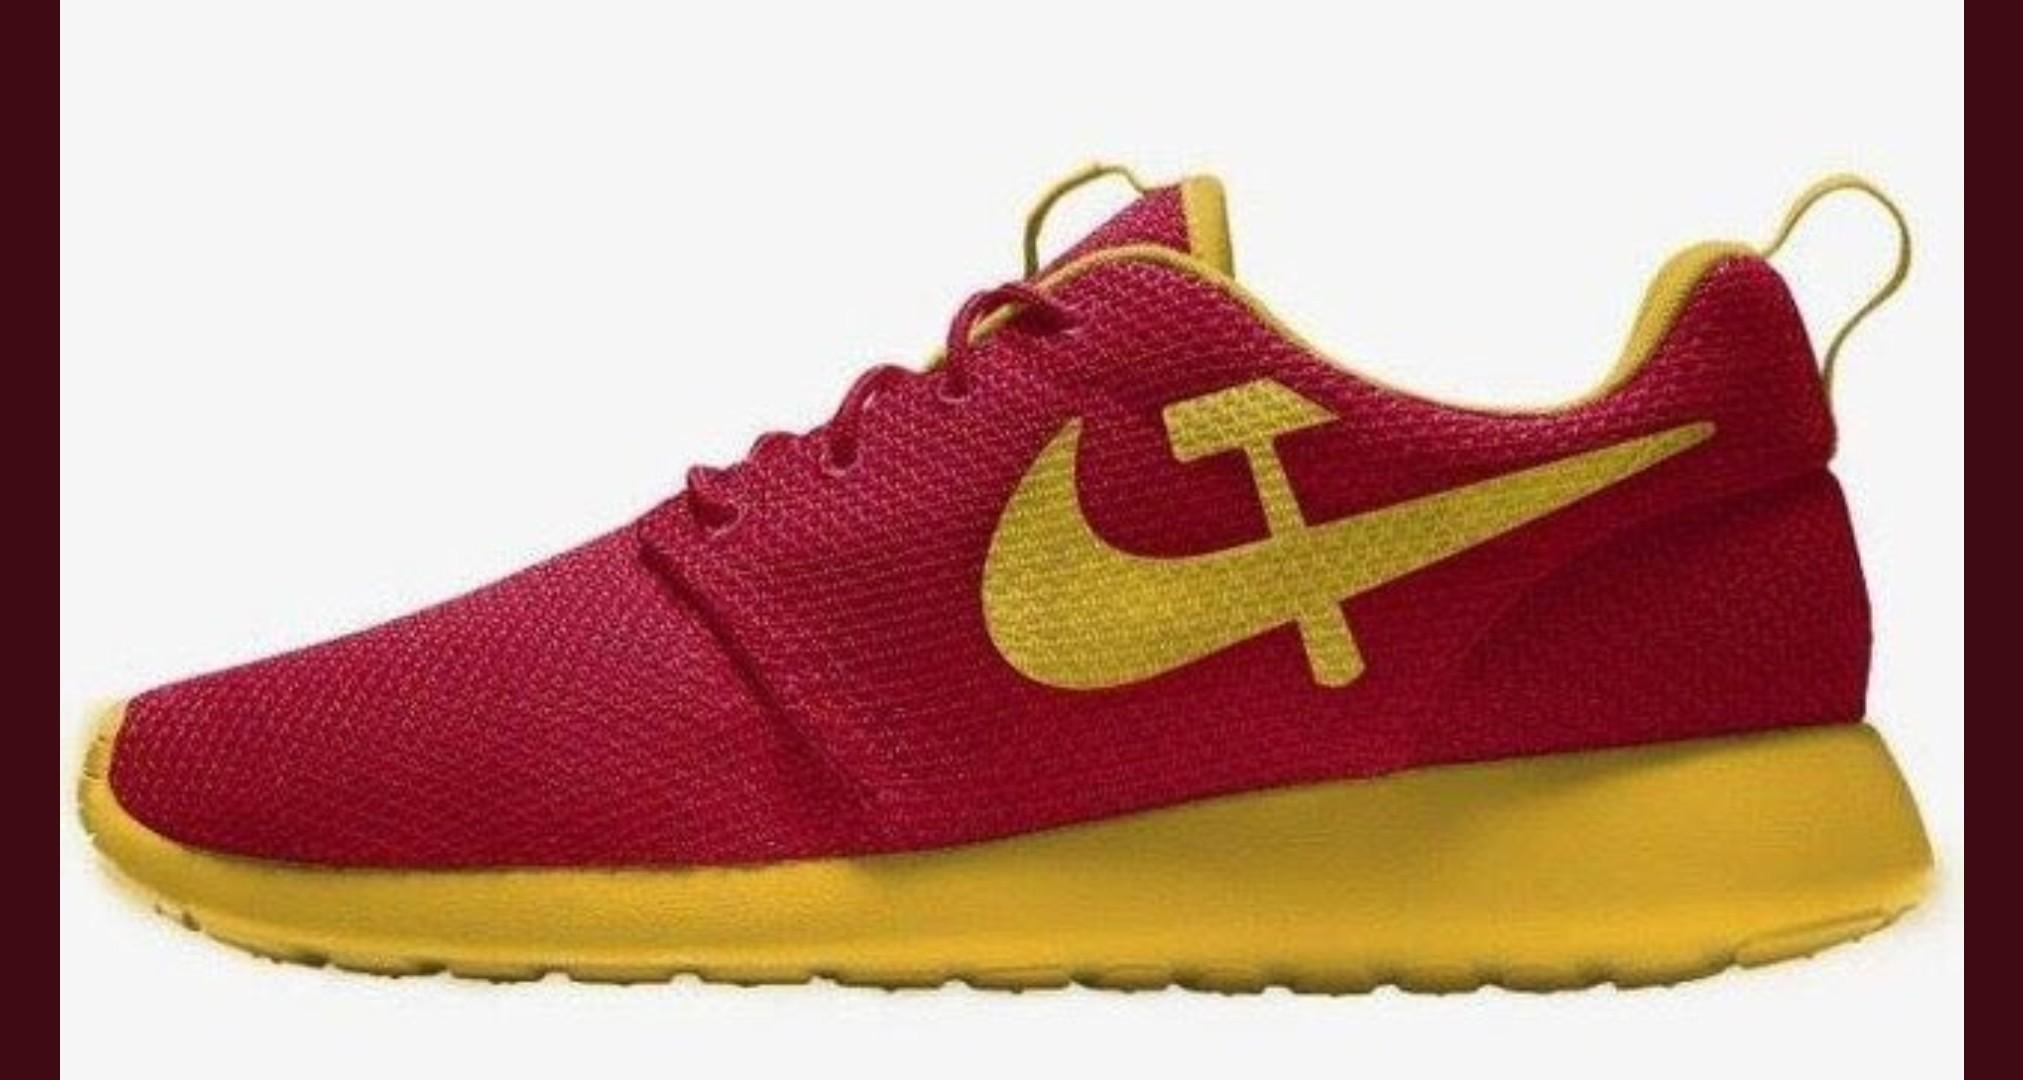 Je veux ces chaussures !!! - meme